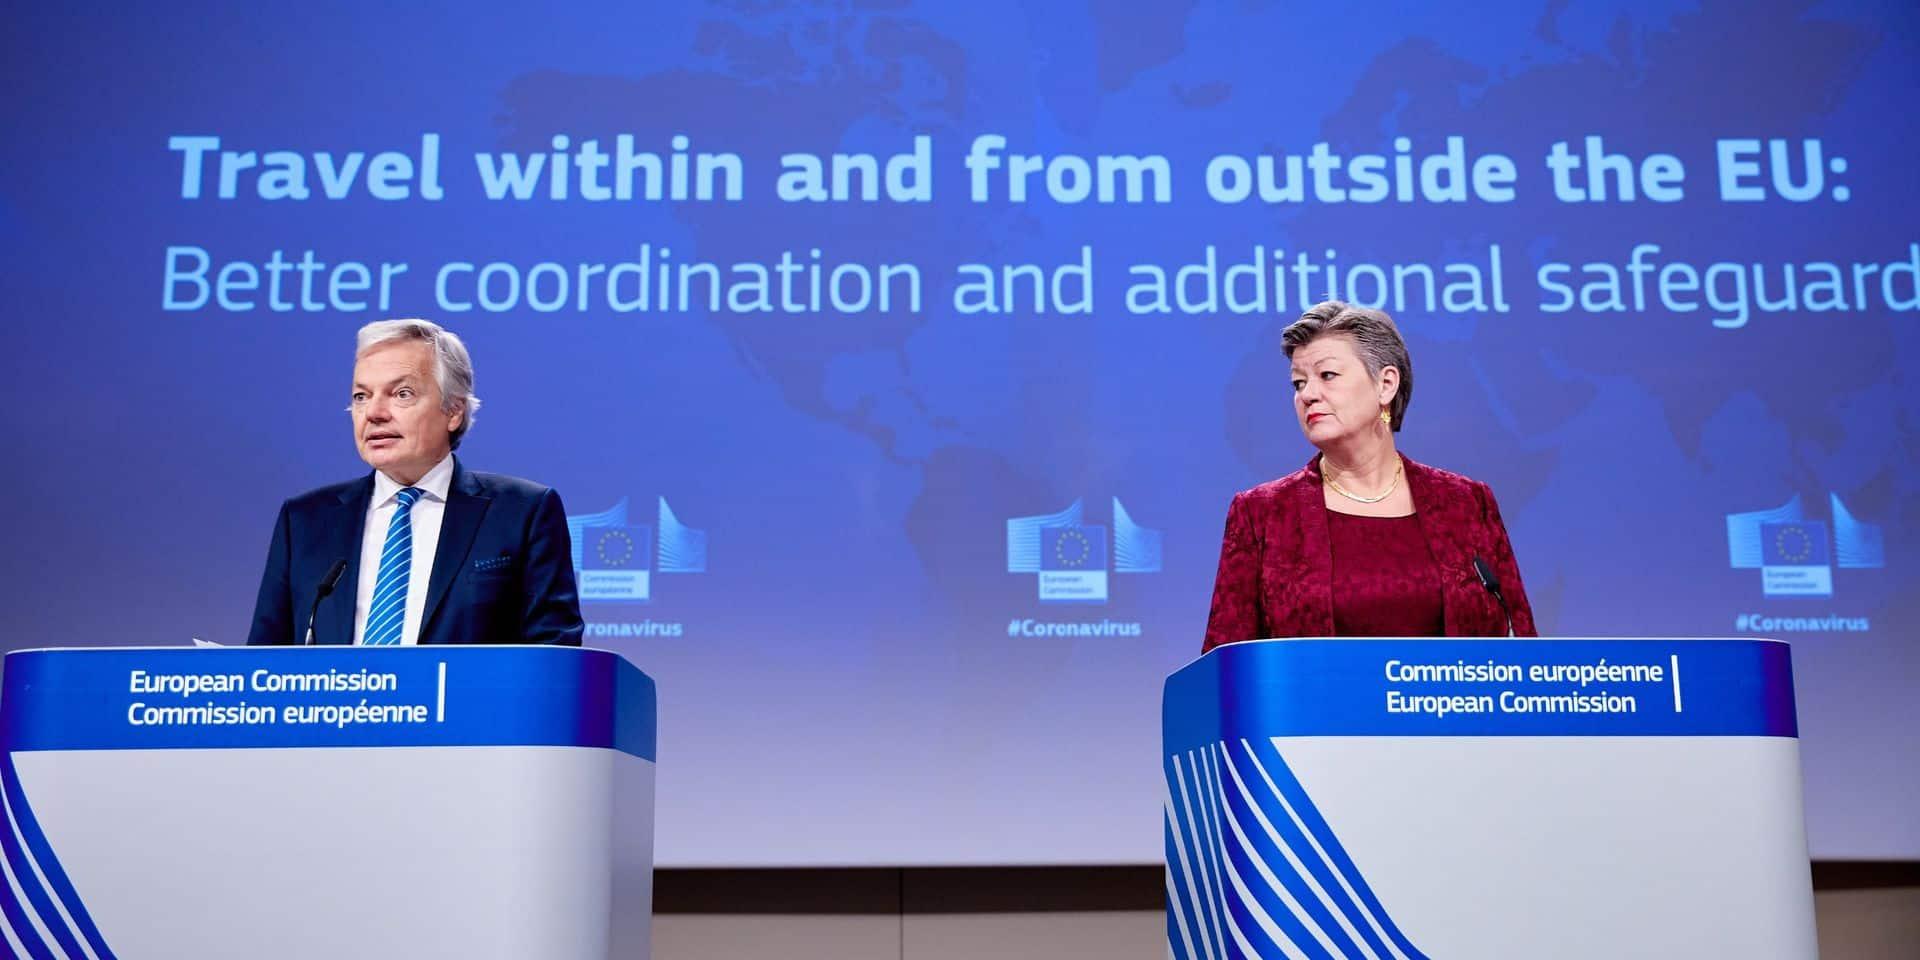 La Commission européenne semble peu goûter la décision belge d'interdire les voyages